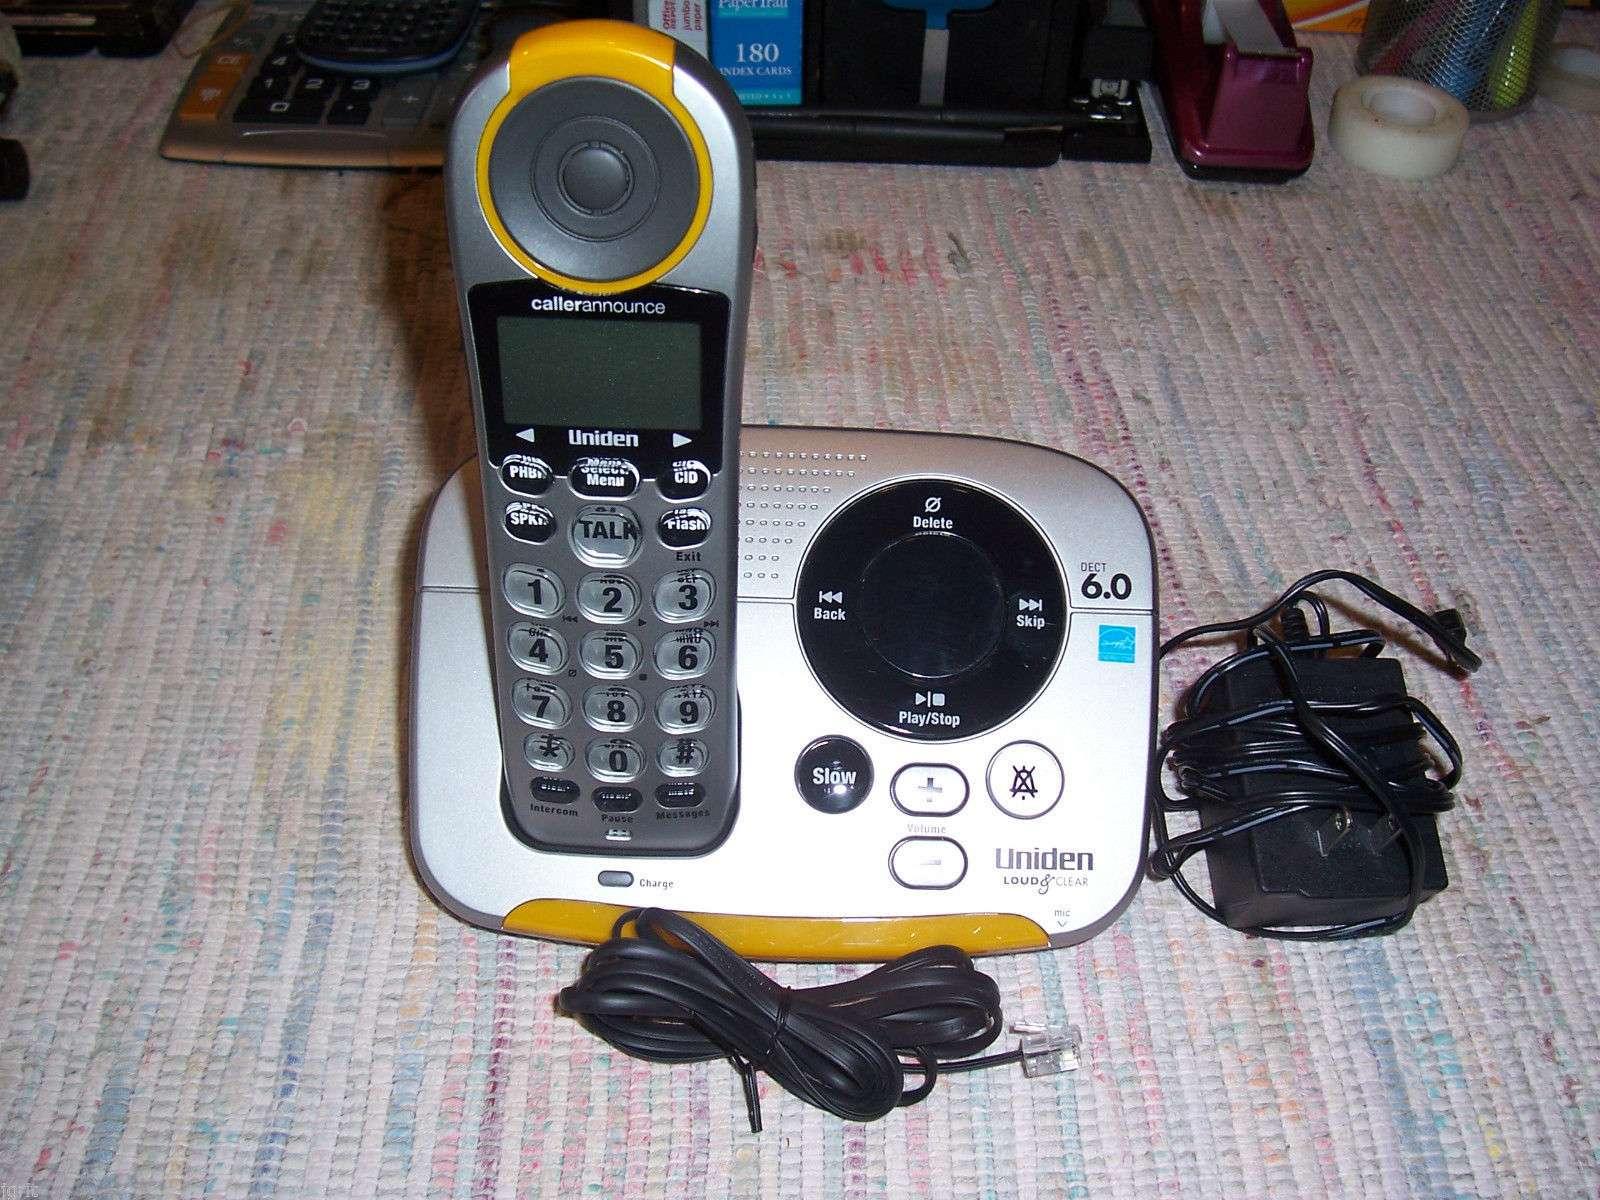 USED GENUINE PANASONIC CORDLESS PHONE CHARGING CRADLE STAND PQLV30001ZA